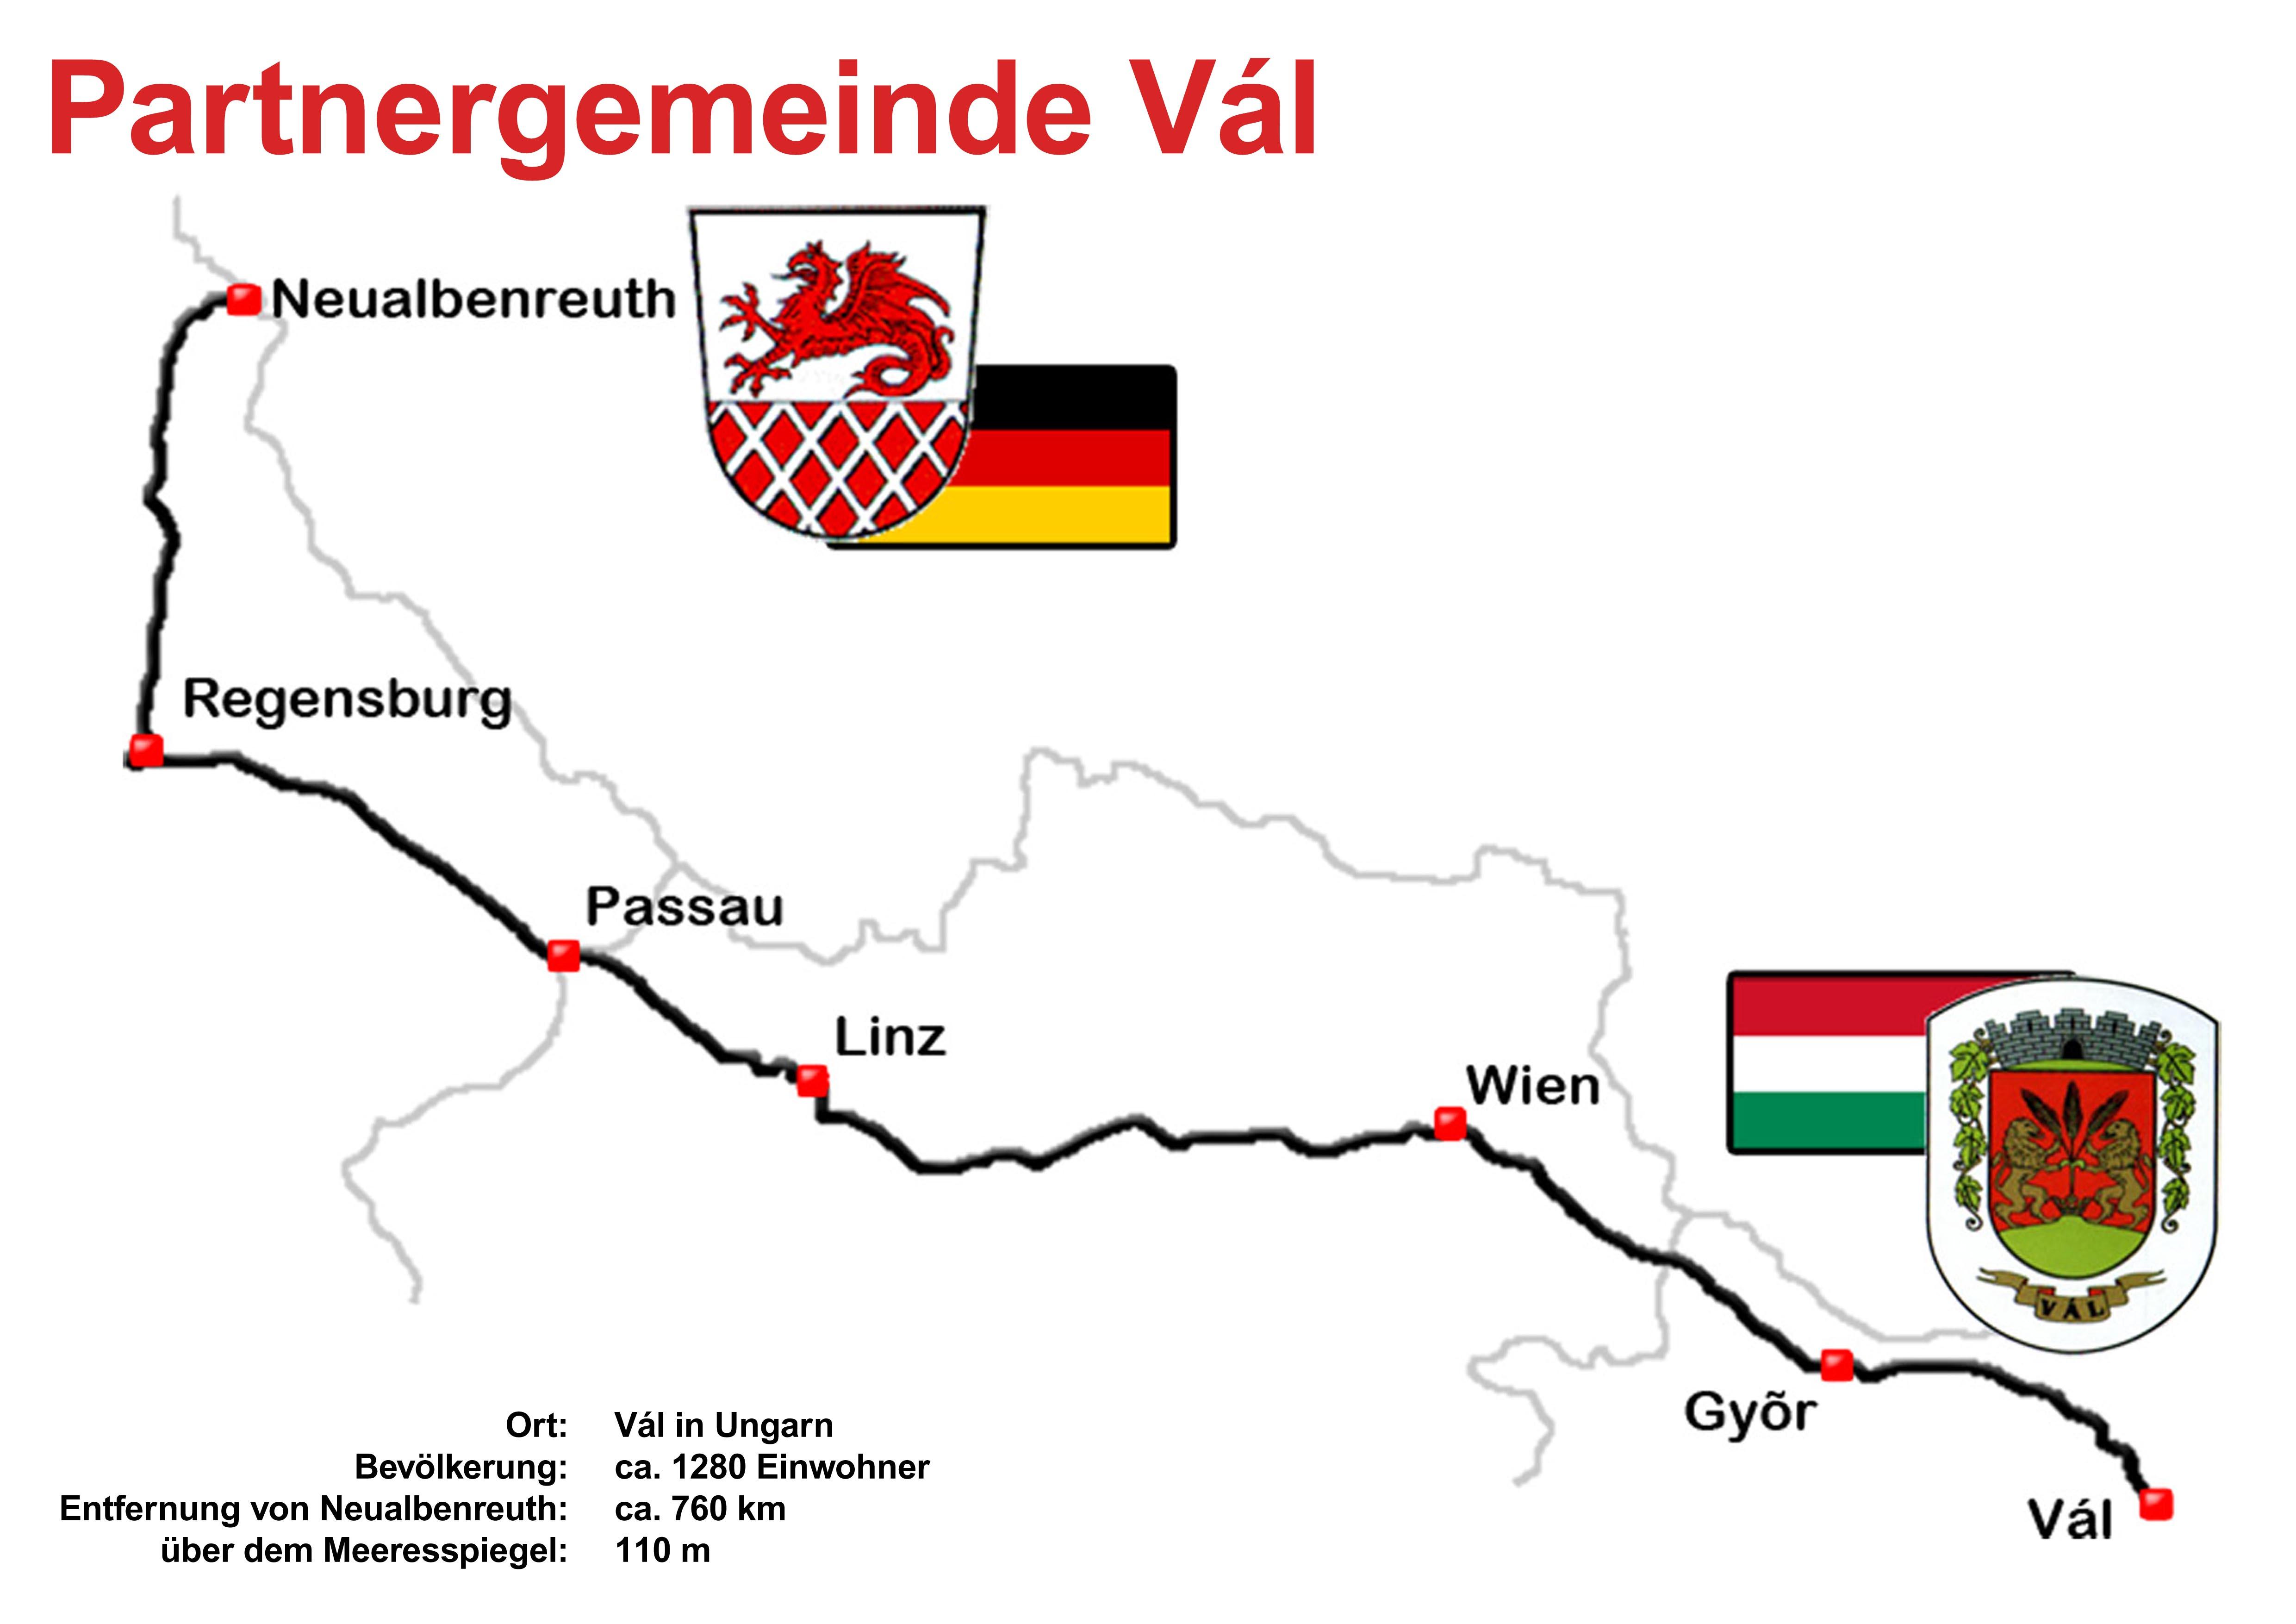 Neualbenreuth - Vál